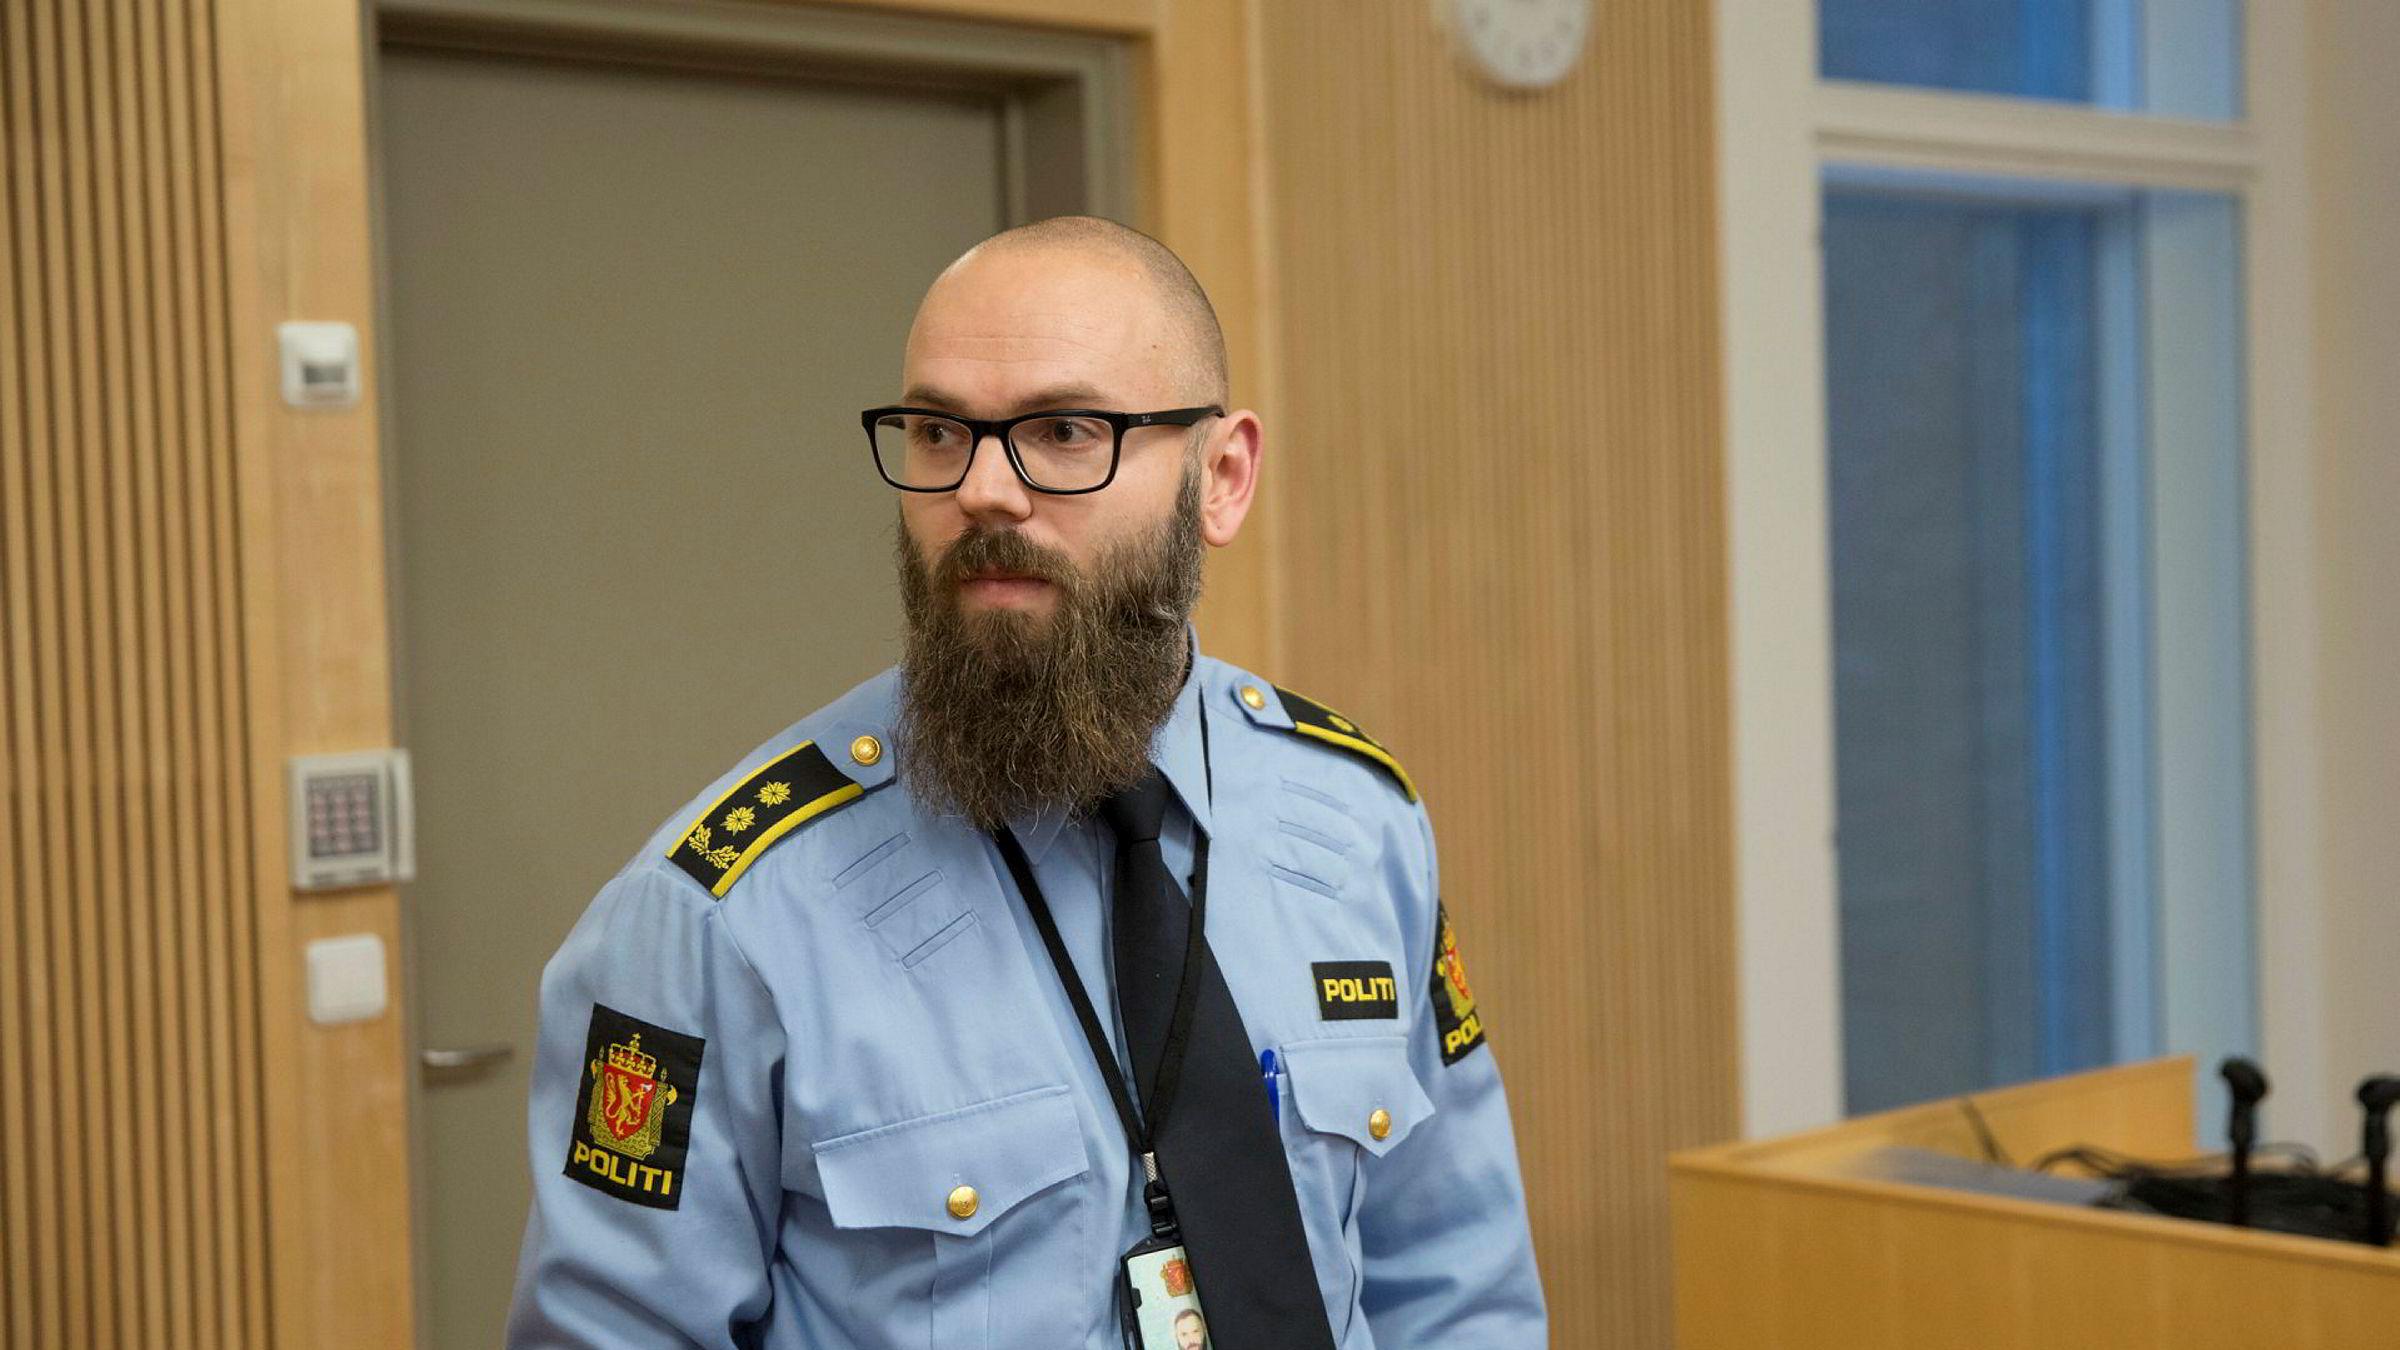 Politiadvokat Bernt Olav Bryge, her avbildet i 2016.